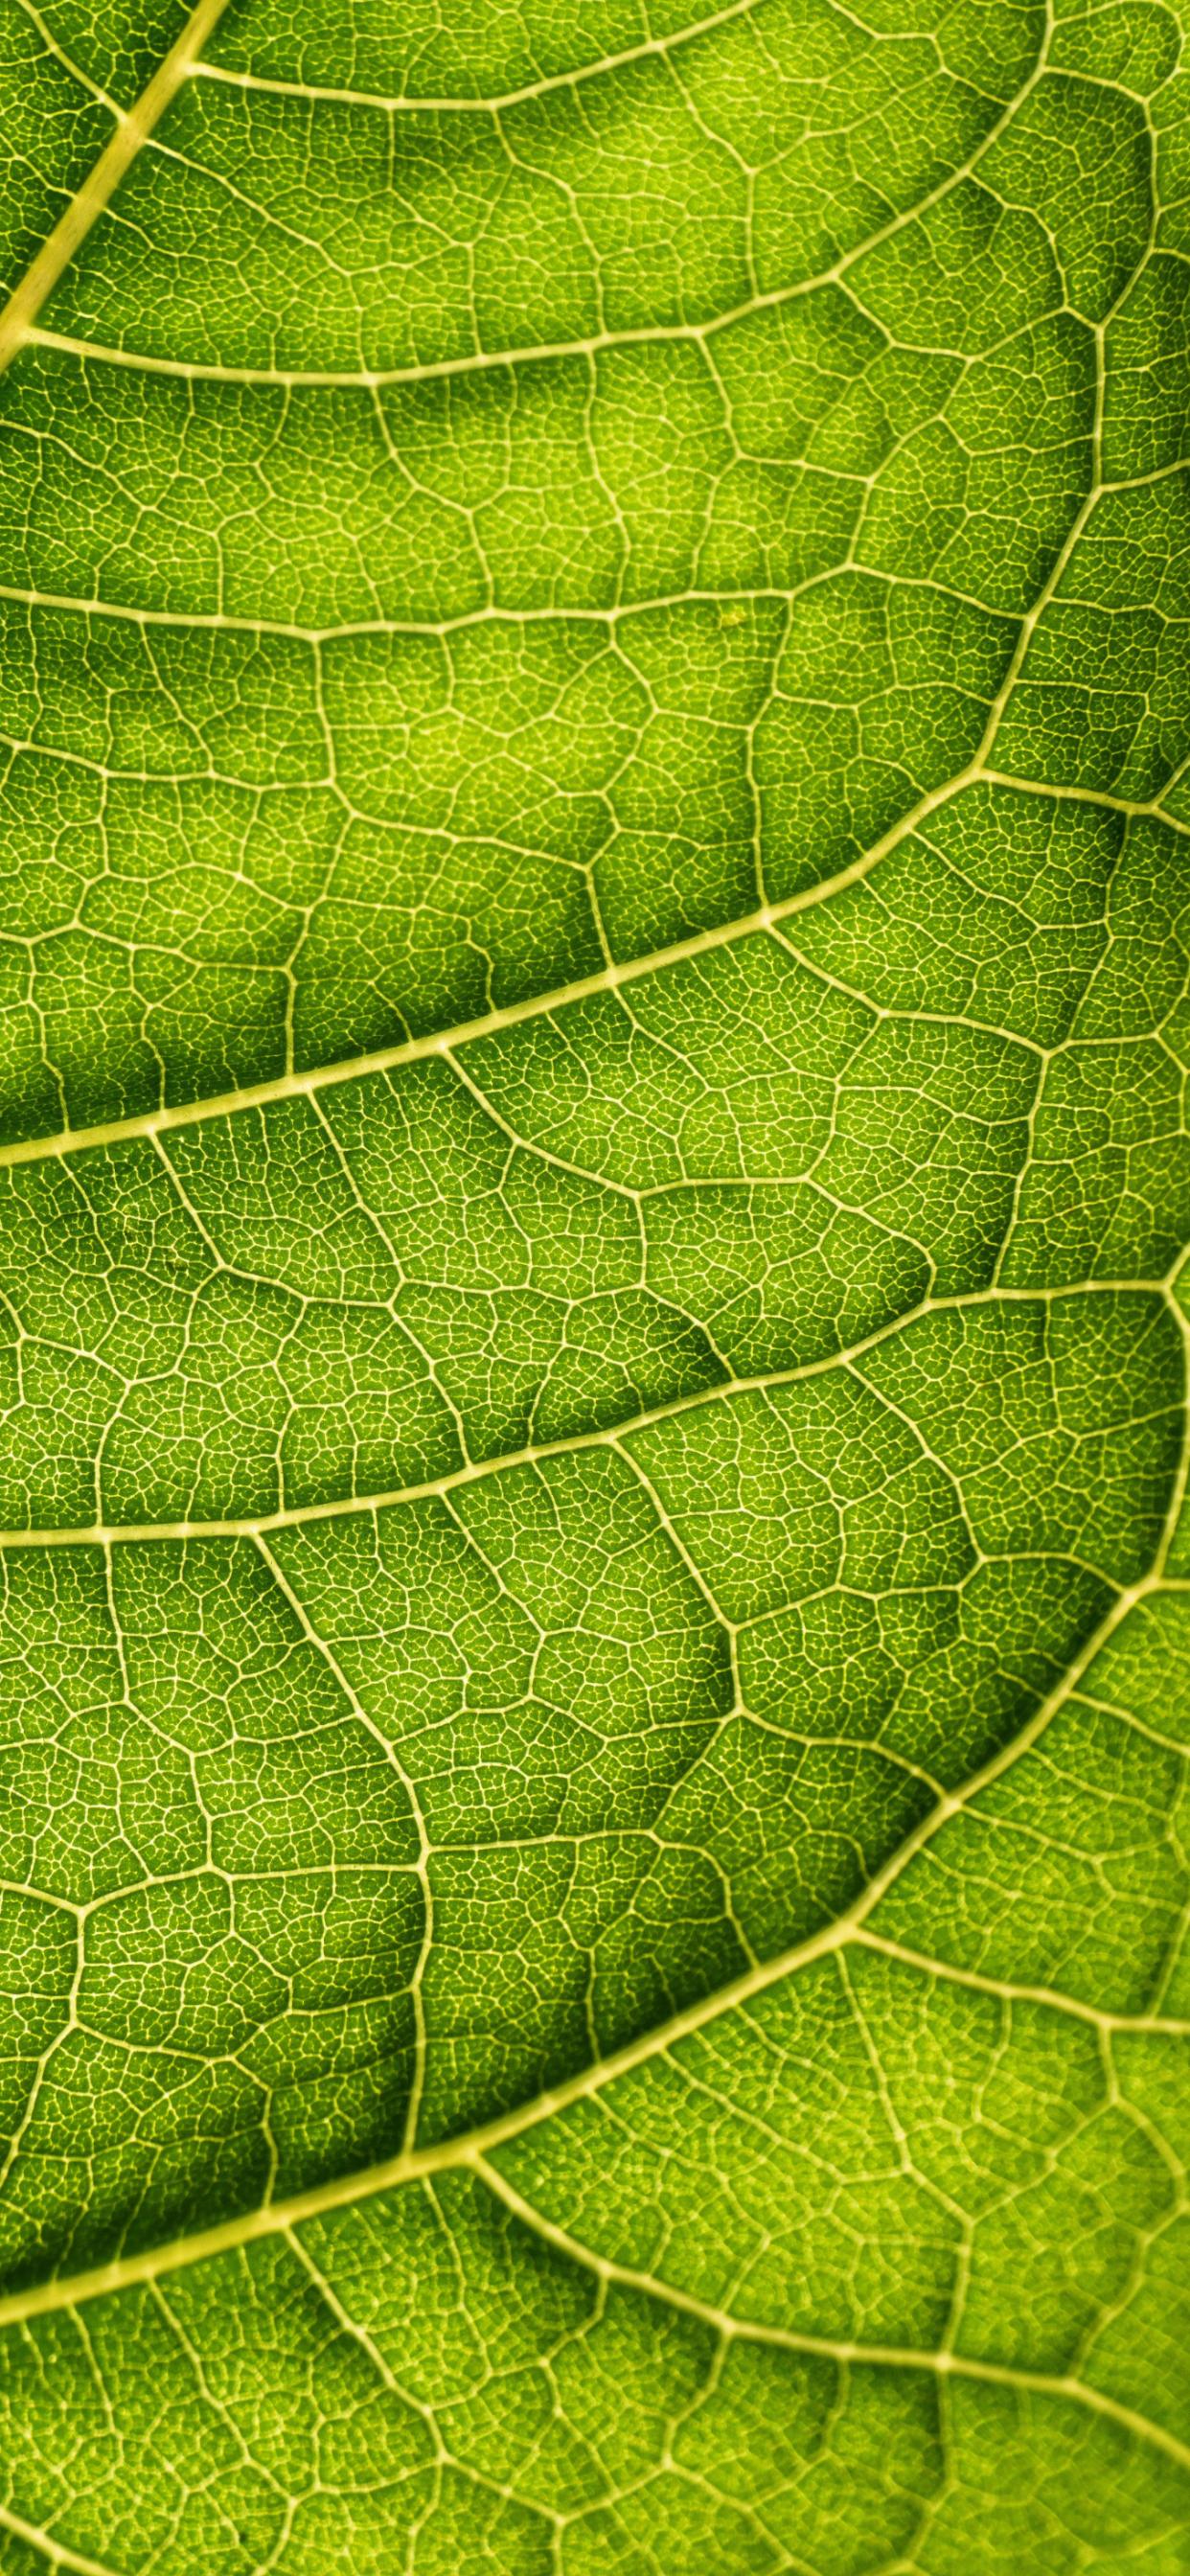 iPhone wallpapers texture leaf back Fonds d'écran iPhone du 18/05/2020